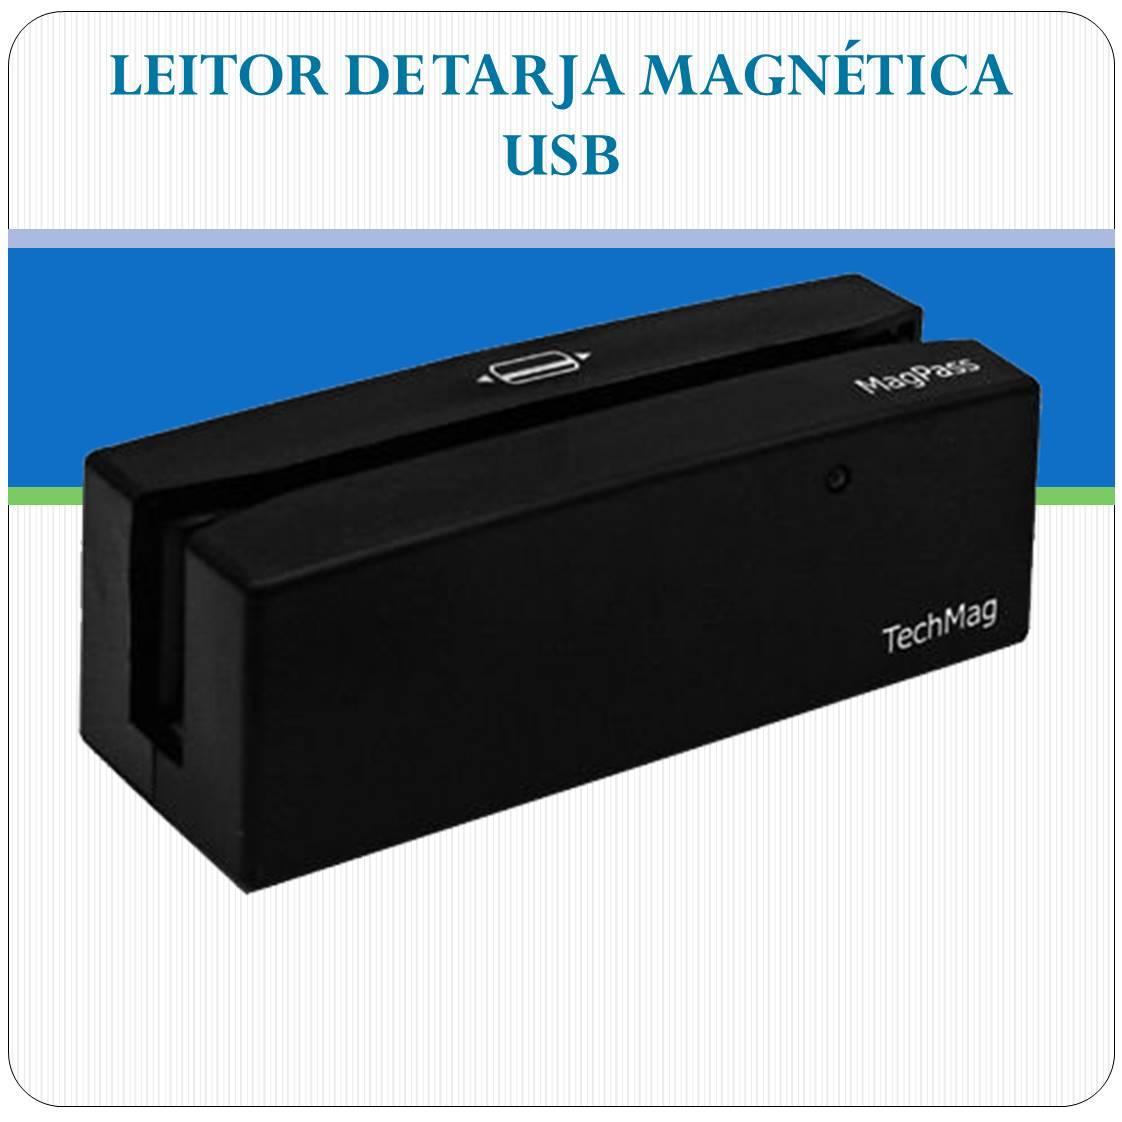 Leitor Magnético USB